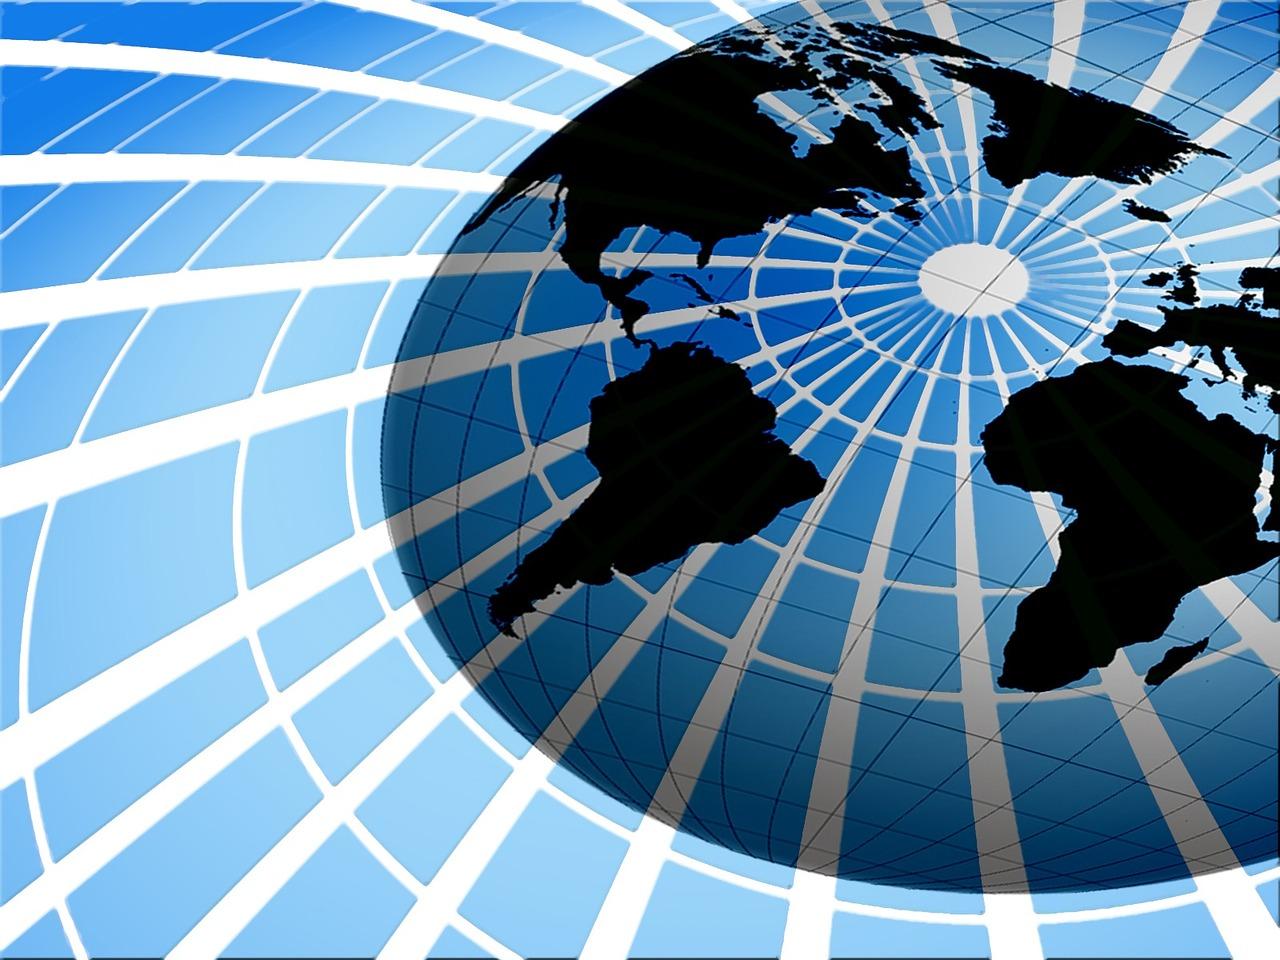 """Corso """"Il mio mercato è il mondo - Modelli per internazionalizzazione delle imprese"""" - Chiusi (Siena) - Toscana Formazione"""